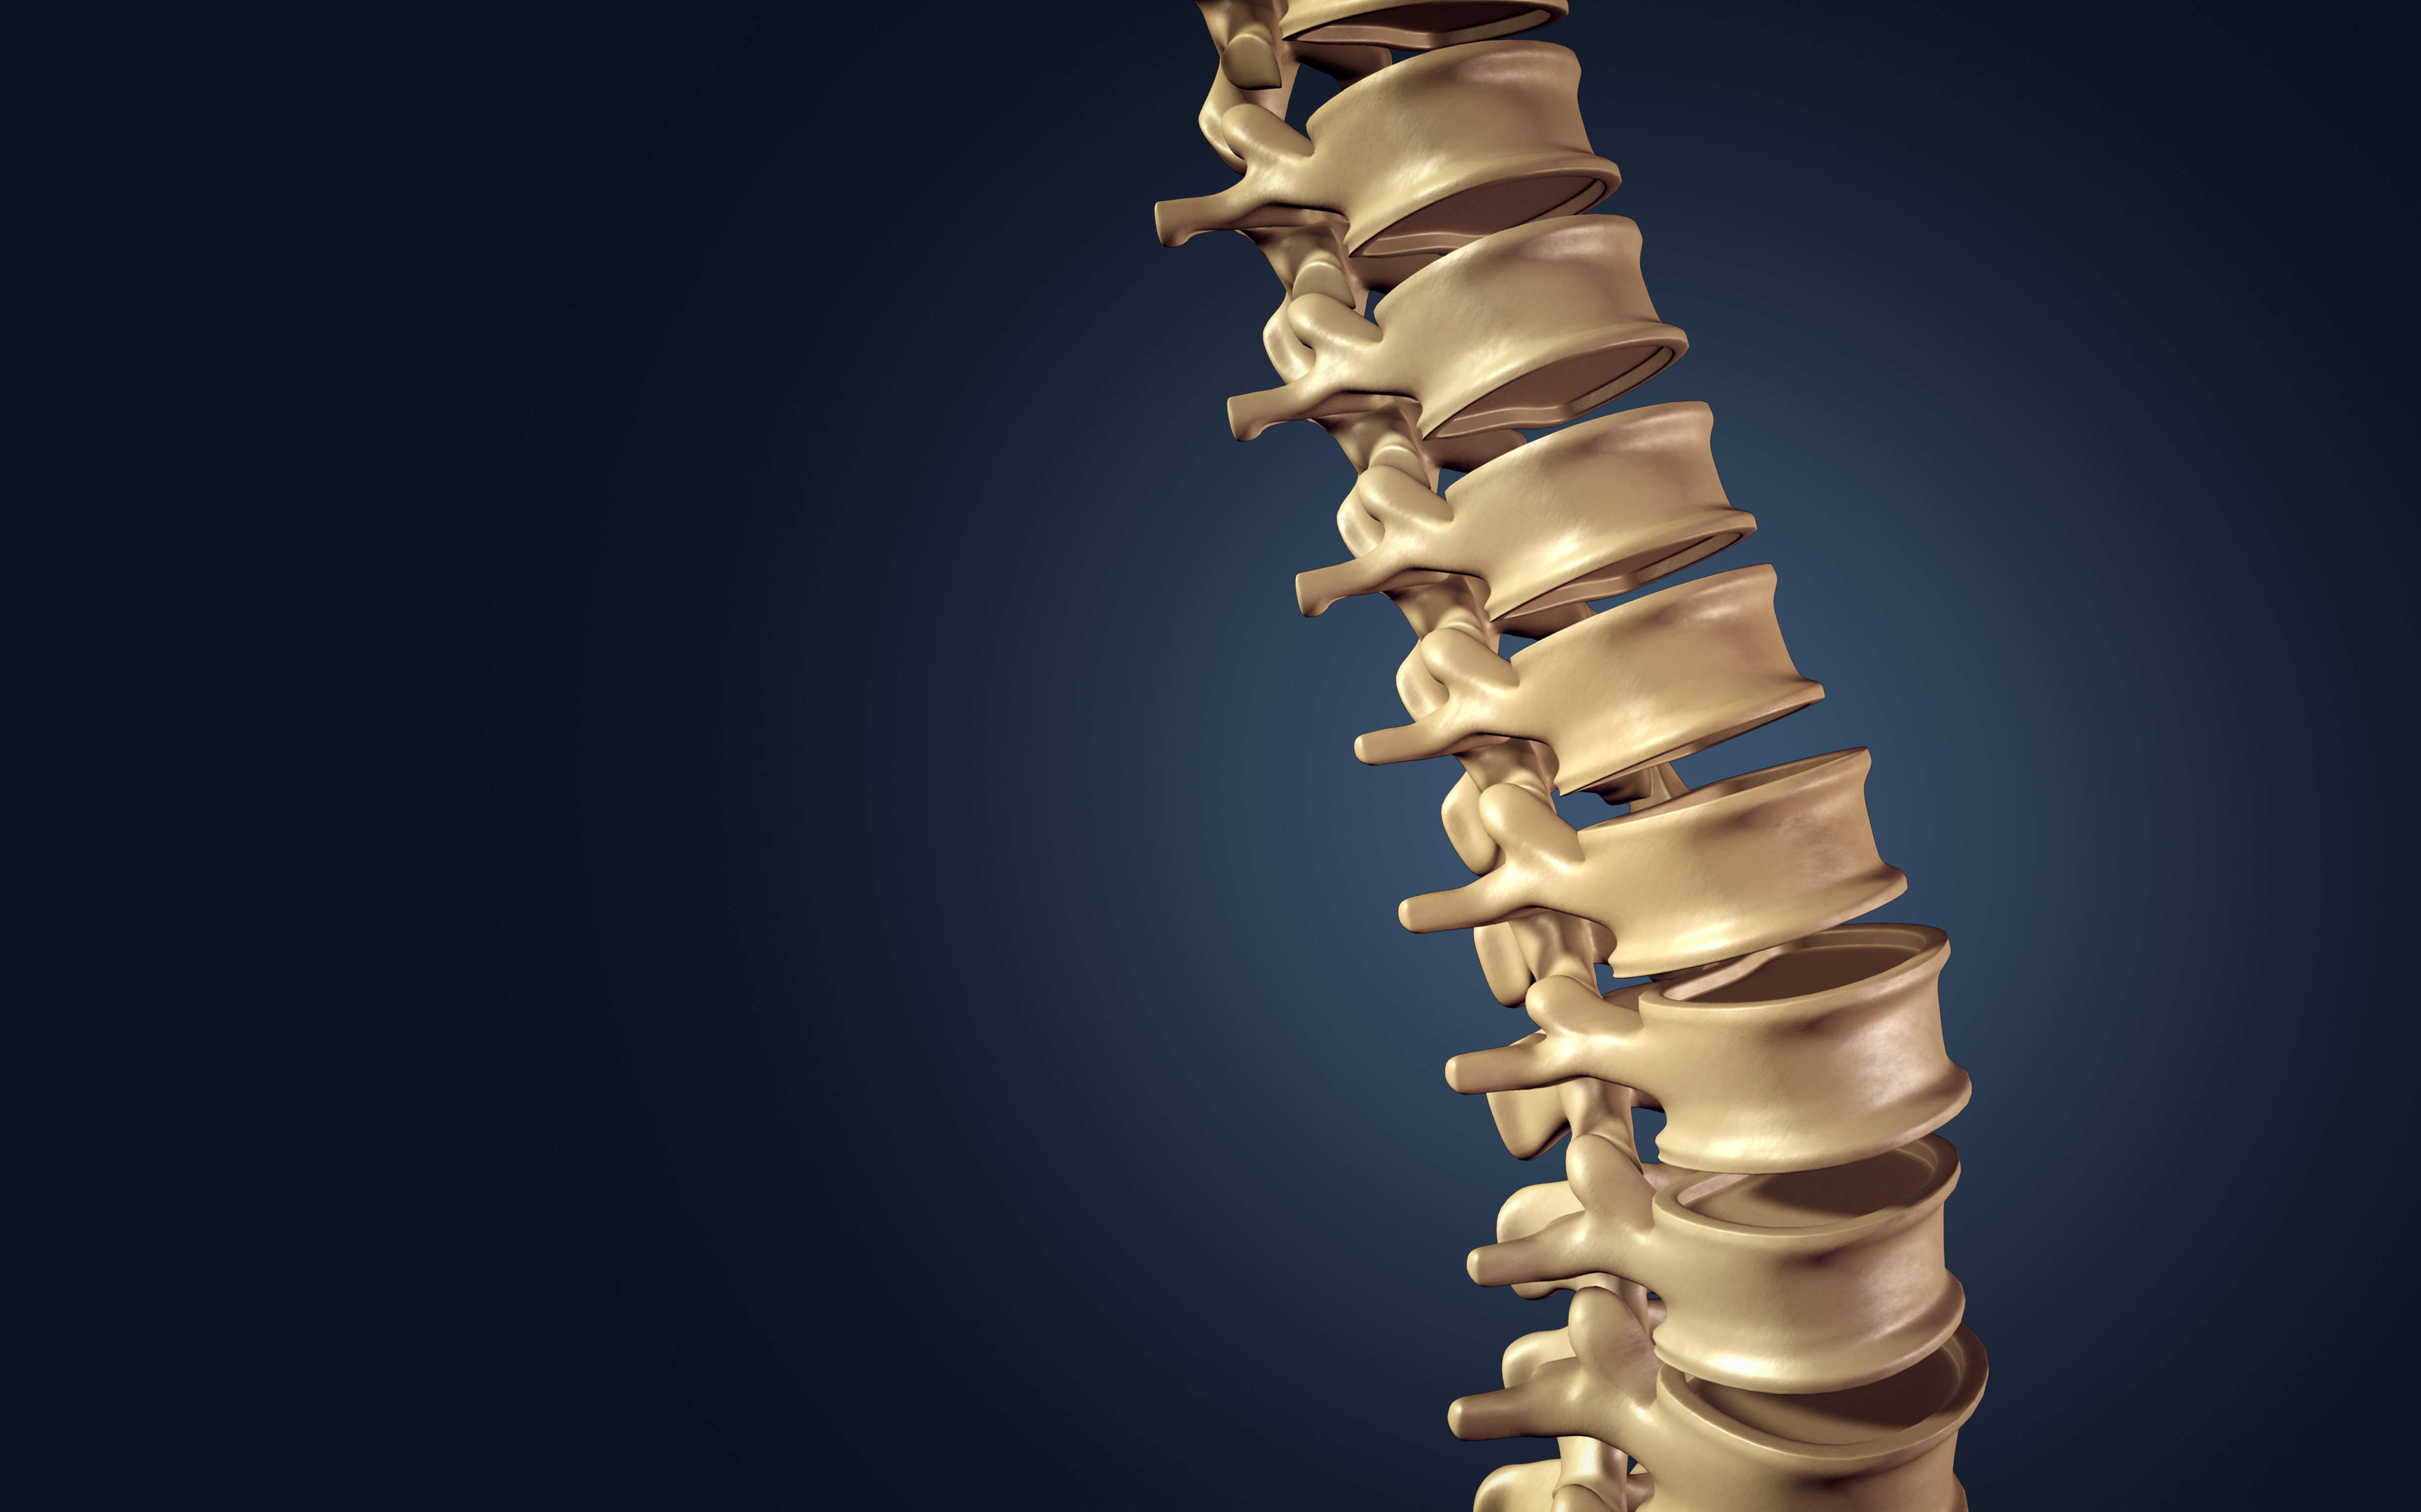 Coluna vertebral: tudo o que você precisa saber sobre sua anatomia